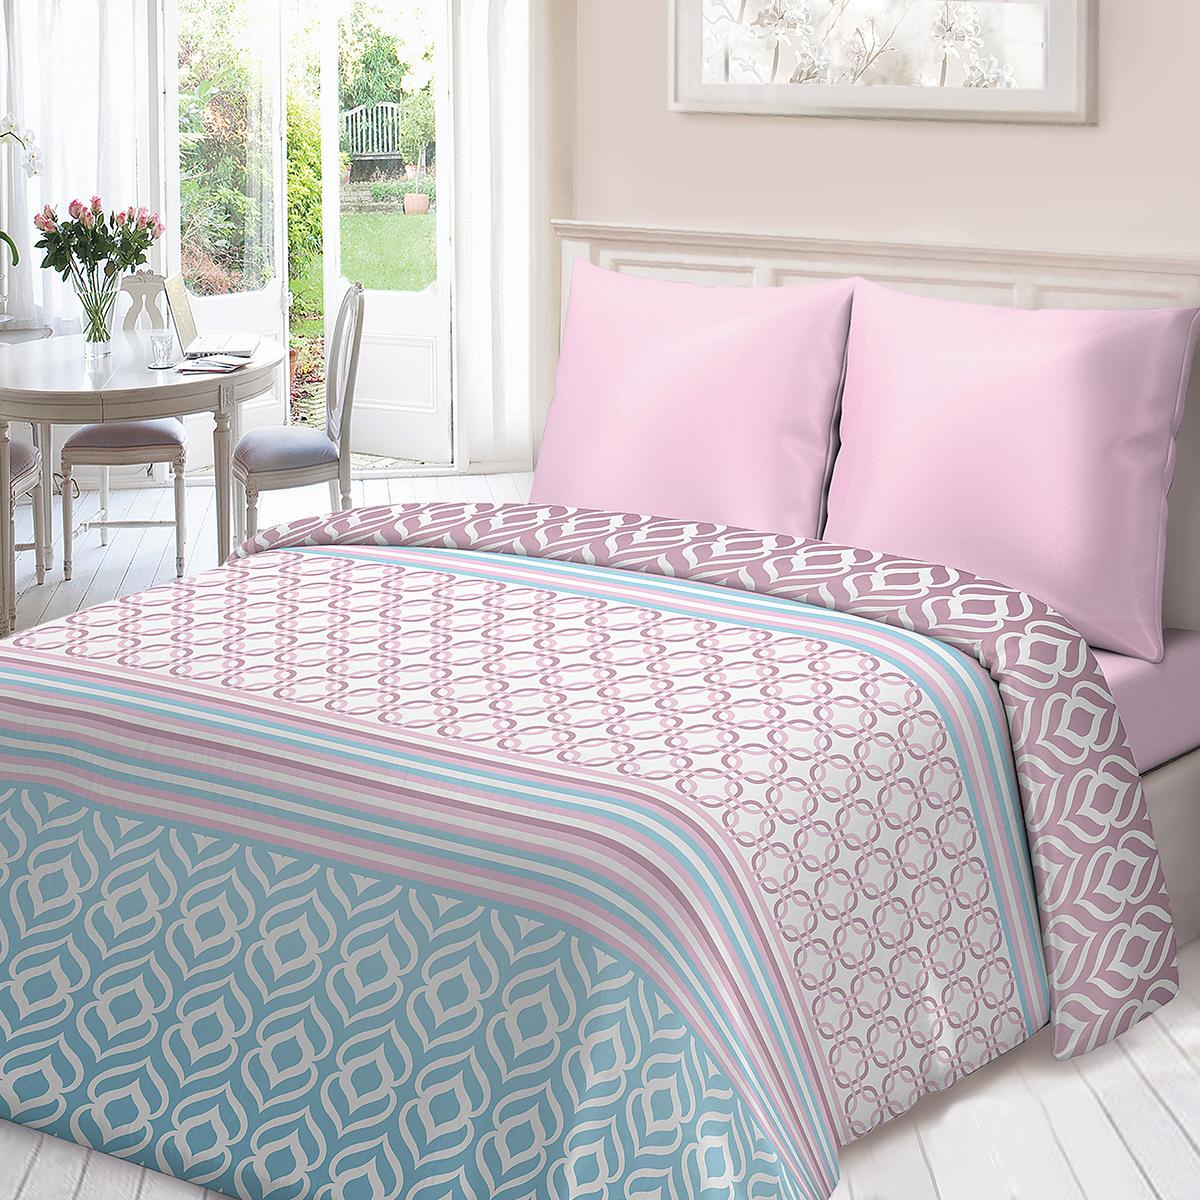 Комплект белья Для Снов Омбре, семейный, наволочки 70х70, цвет: розовый комплекты белья